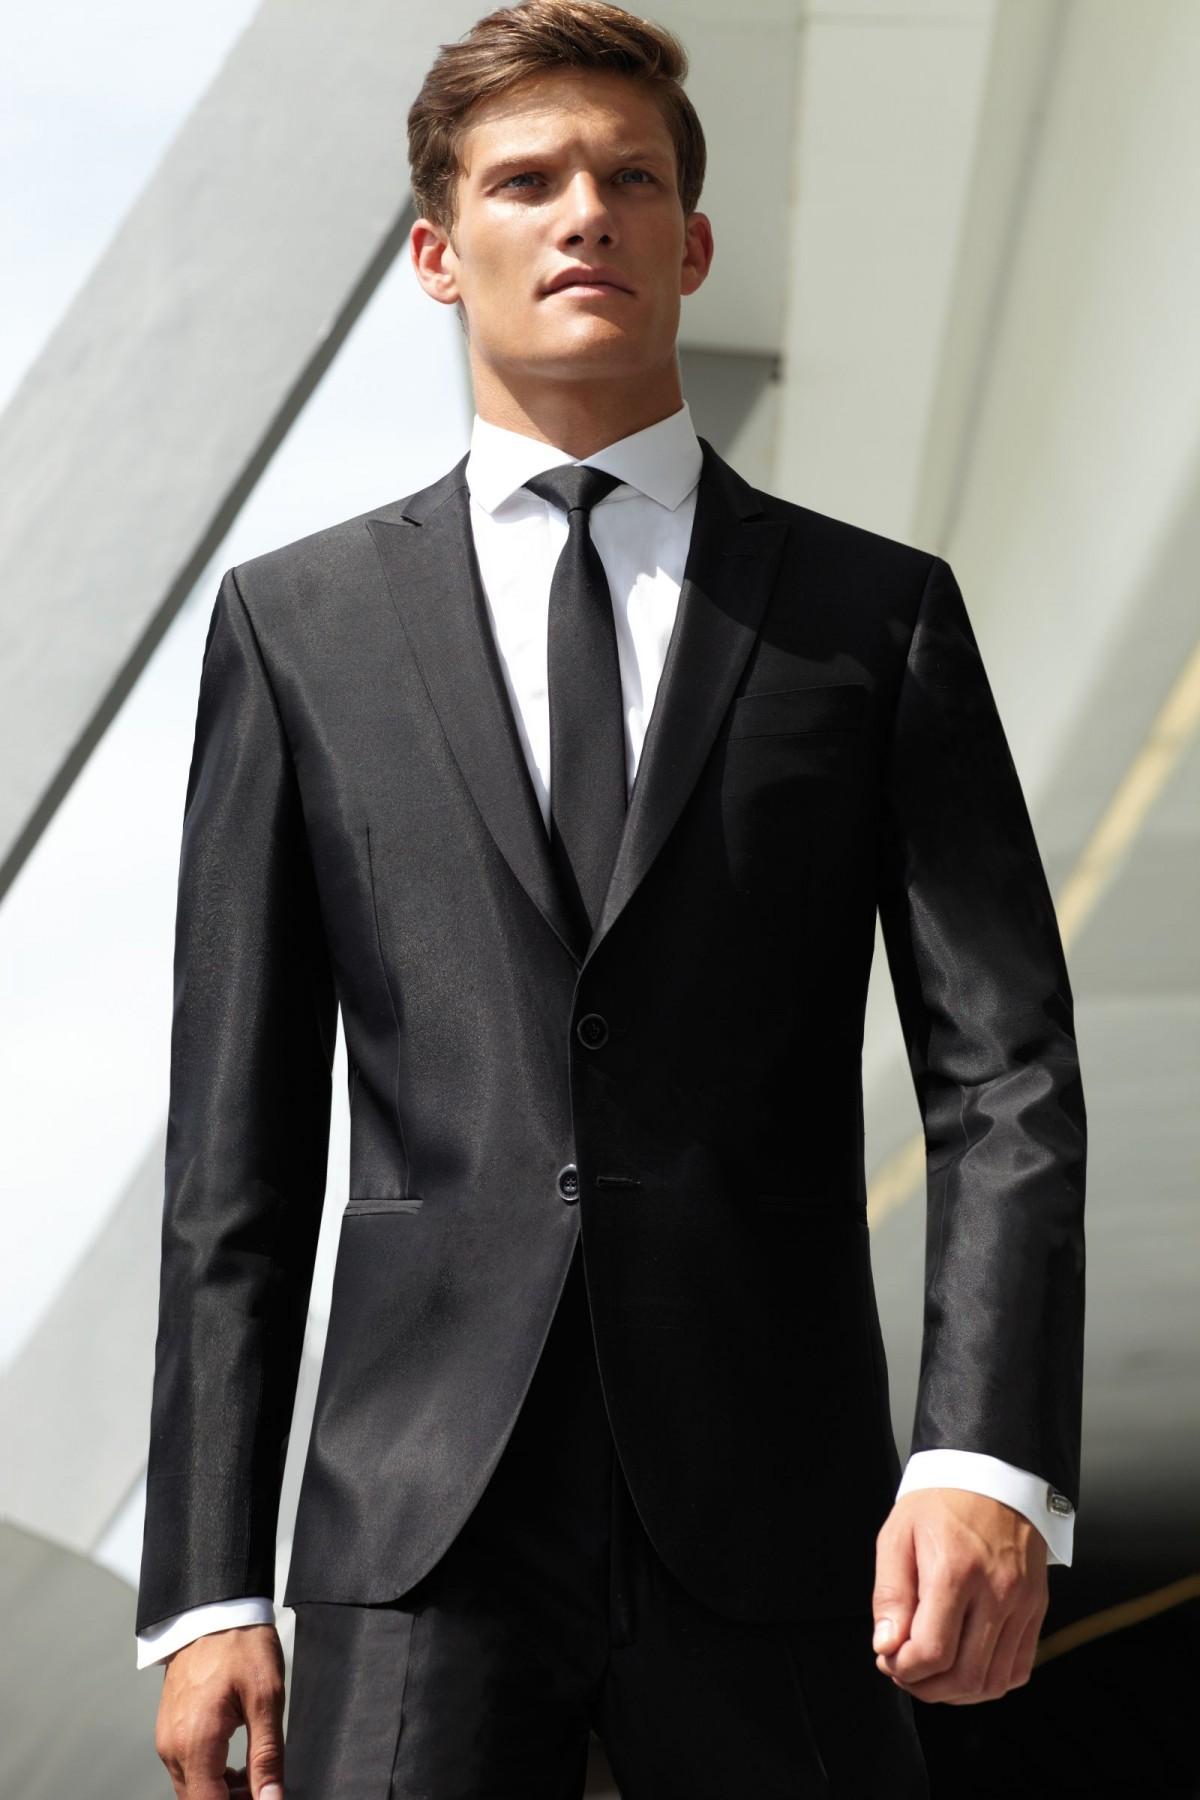 nuovo stile 8f8c3 9e584 camicia diplomatica con cravatta